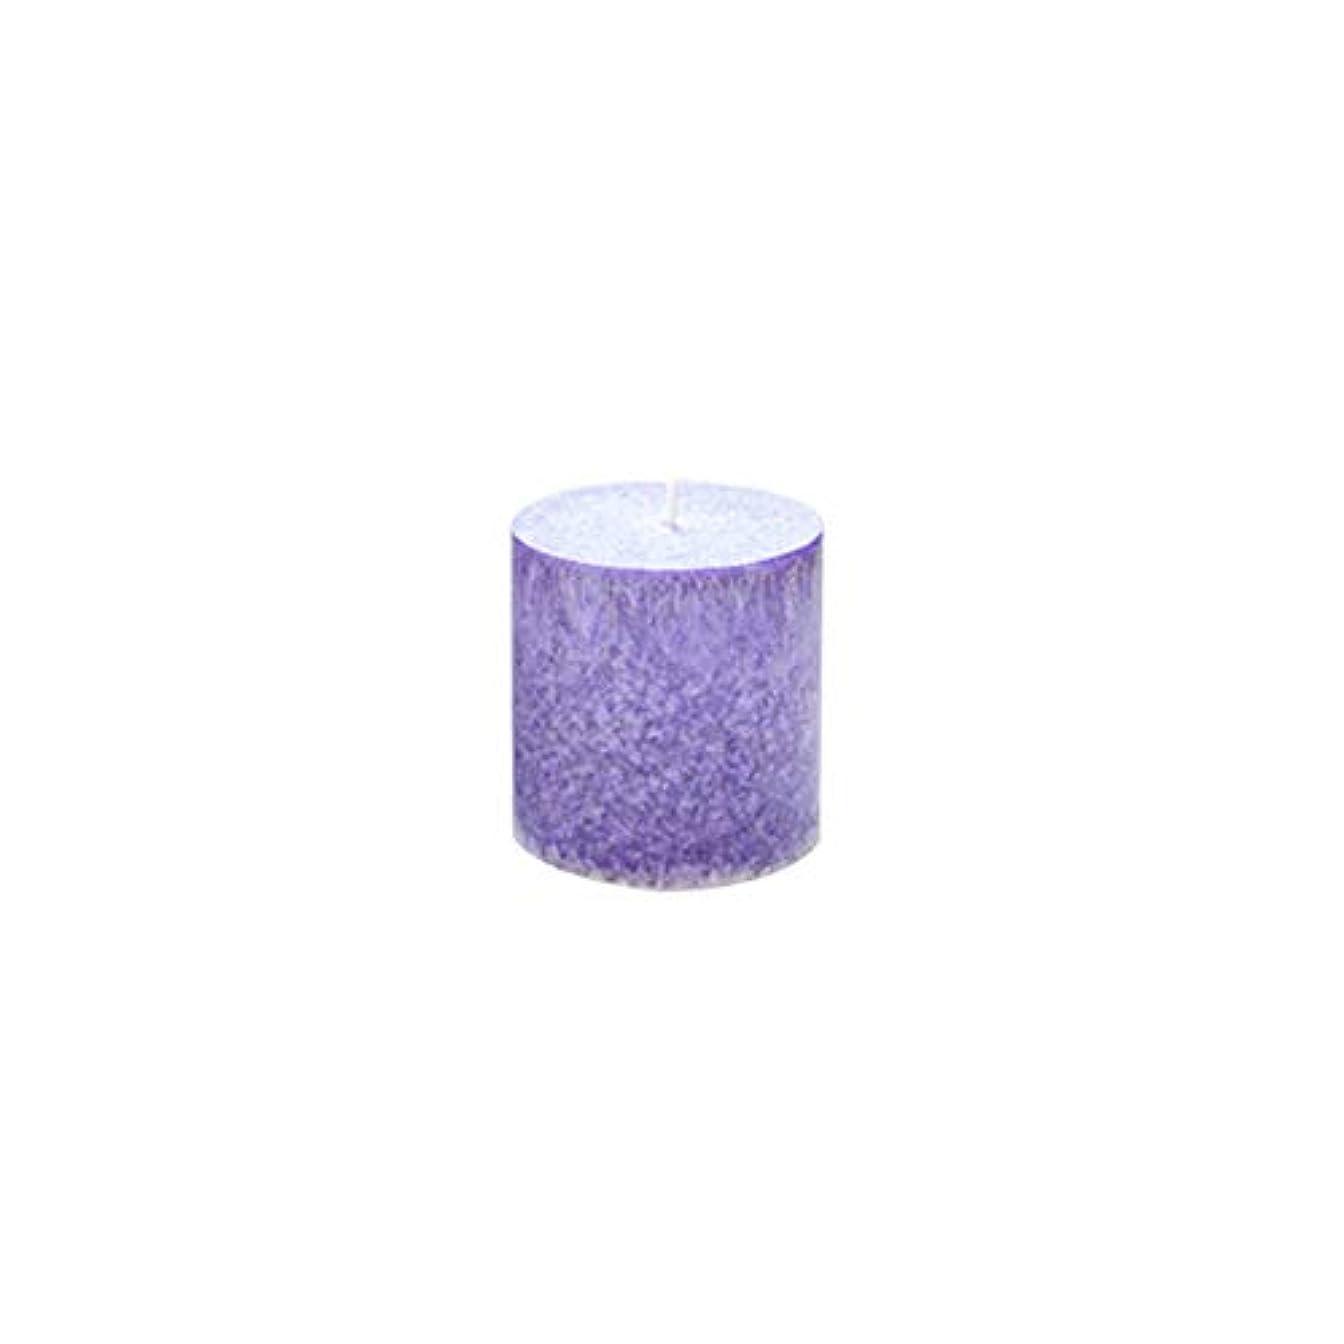 野球印象派ゴールデンRakuby 香料入り 蝋燭 ロマンチック 紫色 ラベンダー アロマ療法 柱 蝋燭 祝祭 結婚祝い 無煙蝋燭